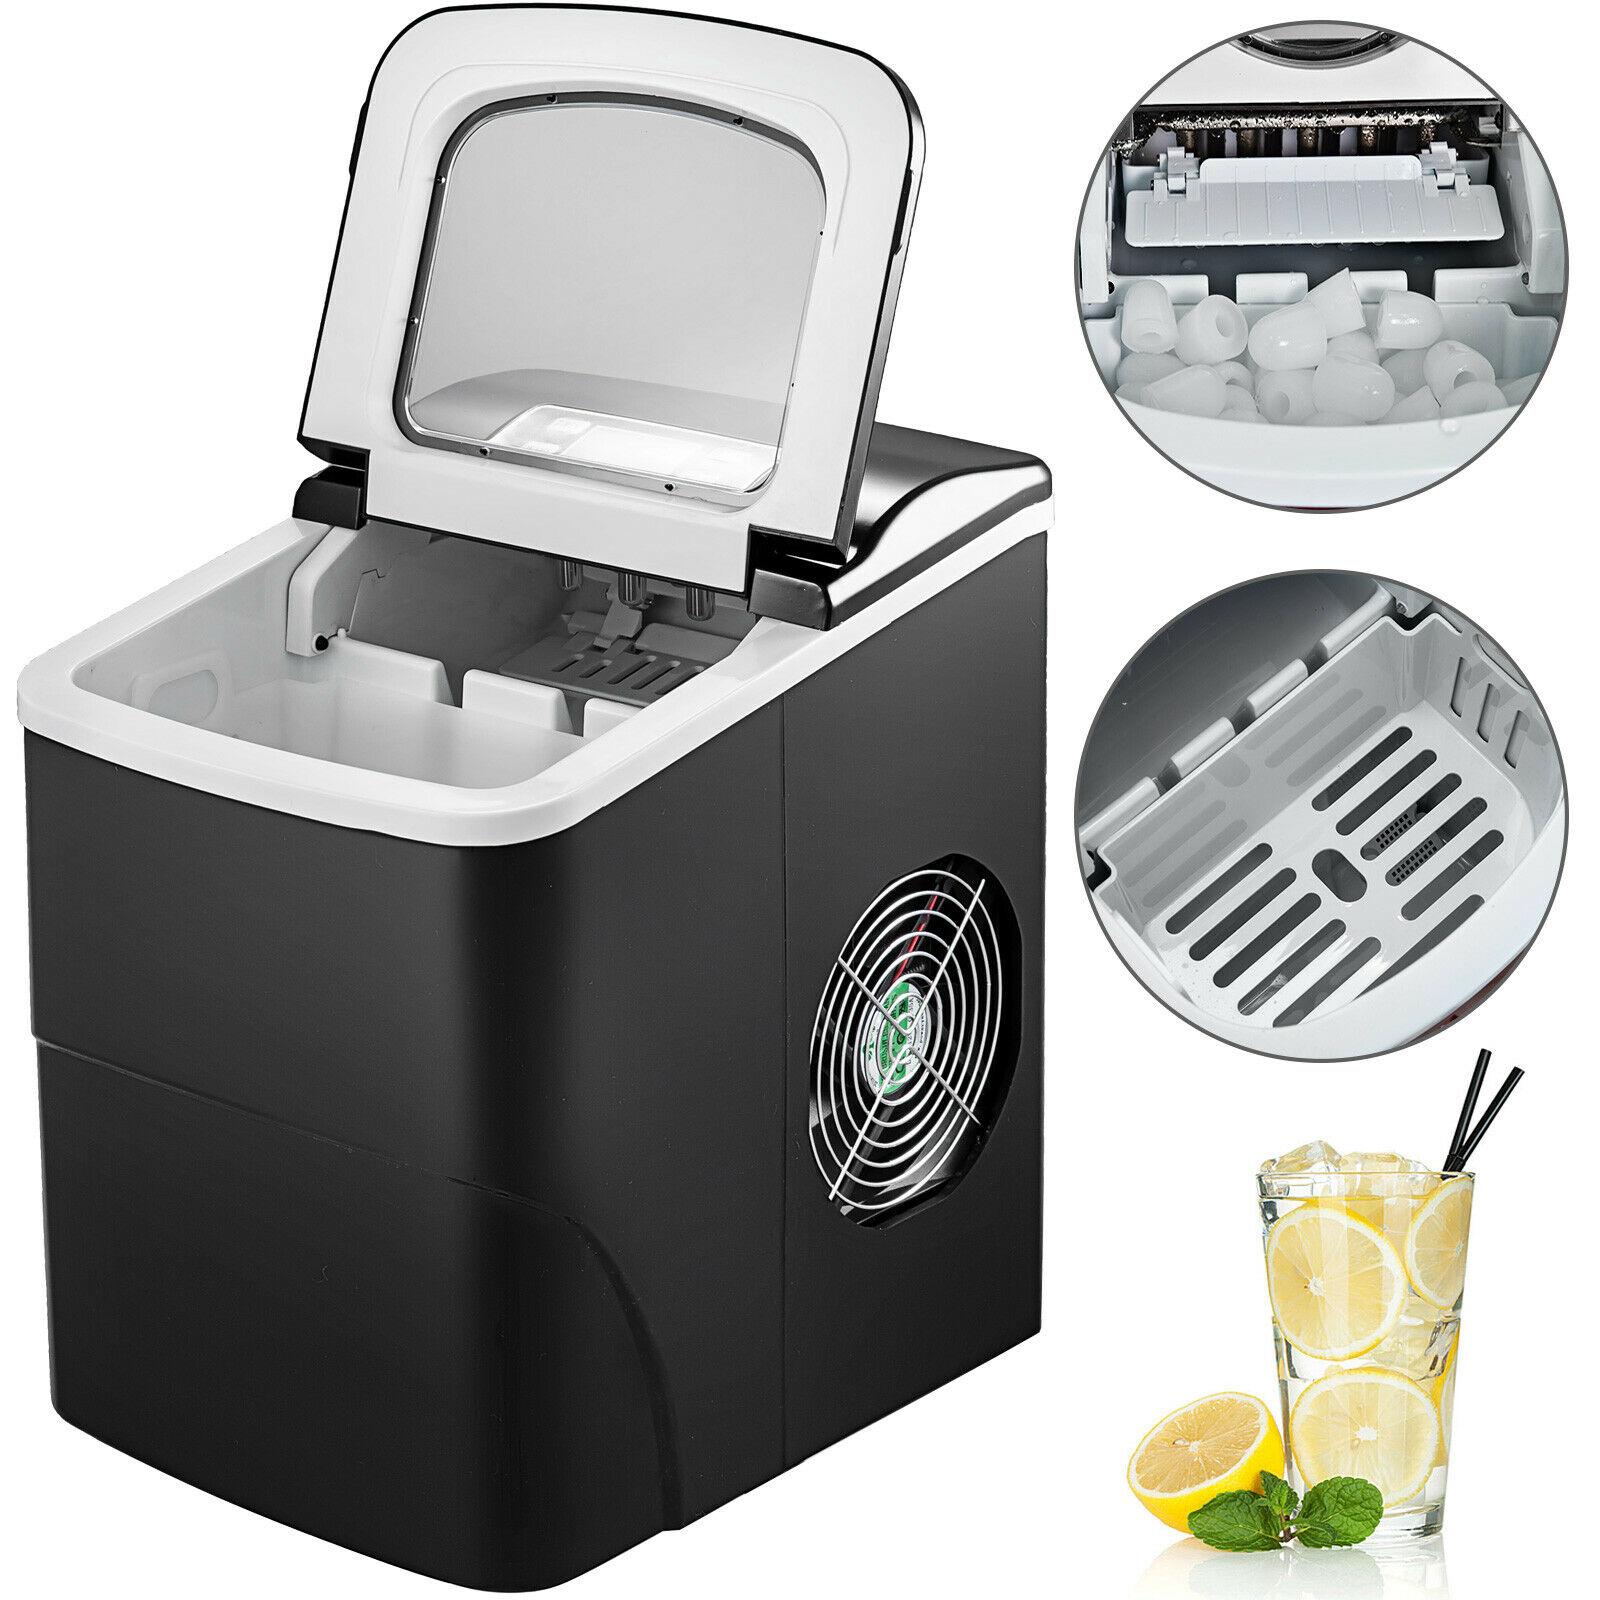 12 kg/24 h portátil máquina de gelo 2.2l tanque de água cozinha bala eficiente e rápida fazer gelo